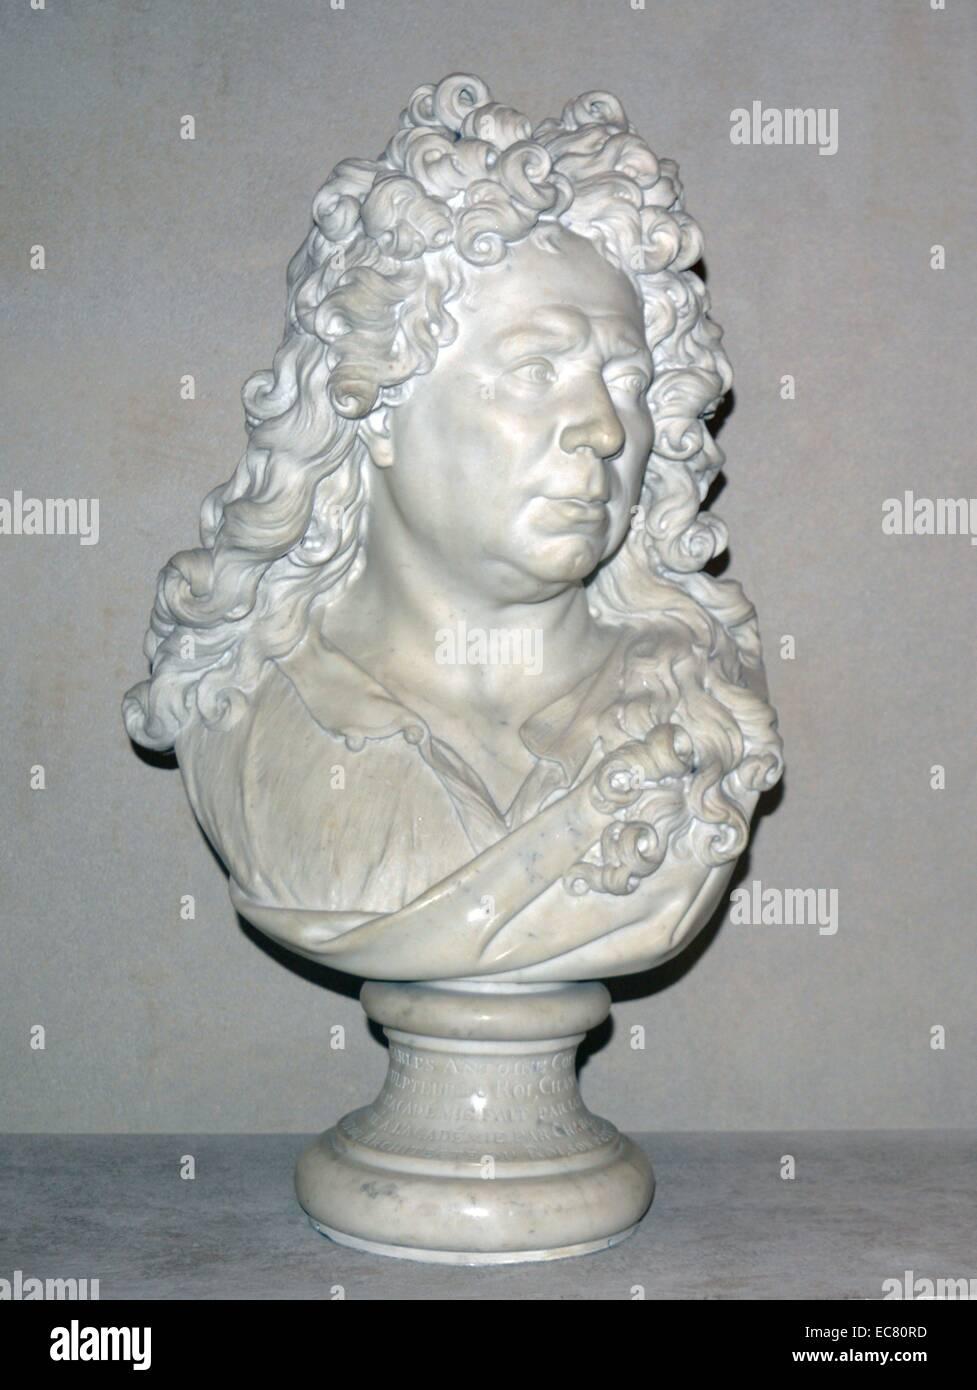 Busto de mármol (en francés) de un estadista del siglo xviii Foto de stock